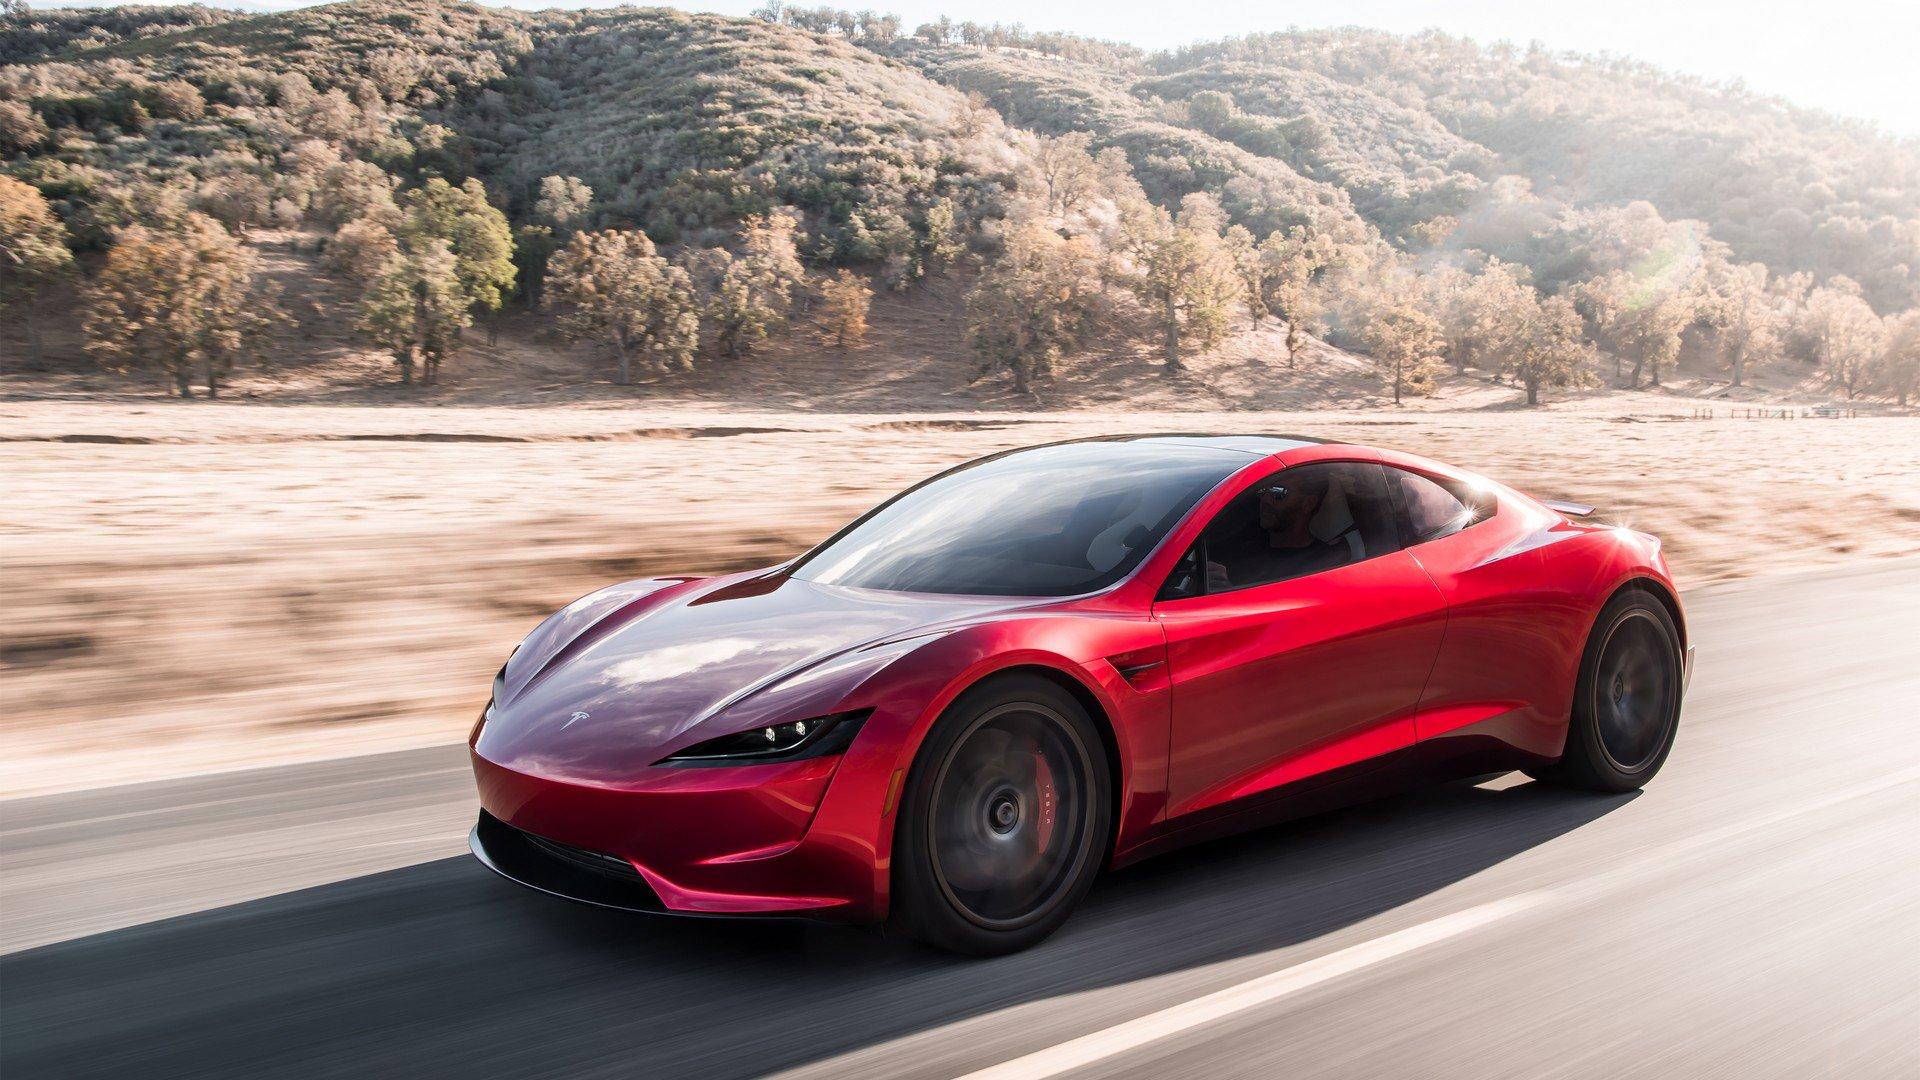 Илон Маск анонсировал «самый быстрый спорткар в мире»